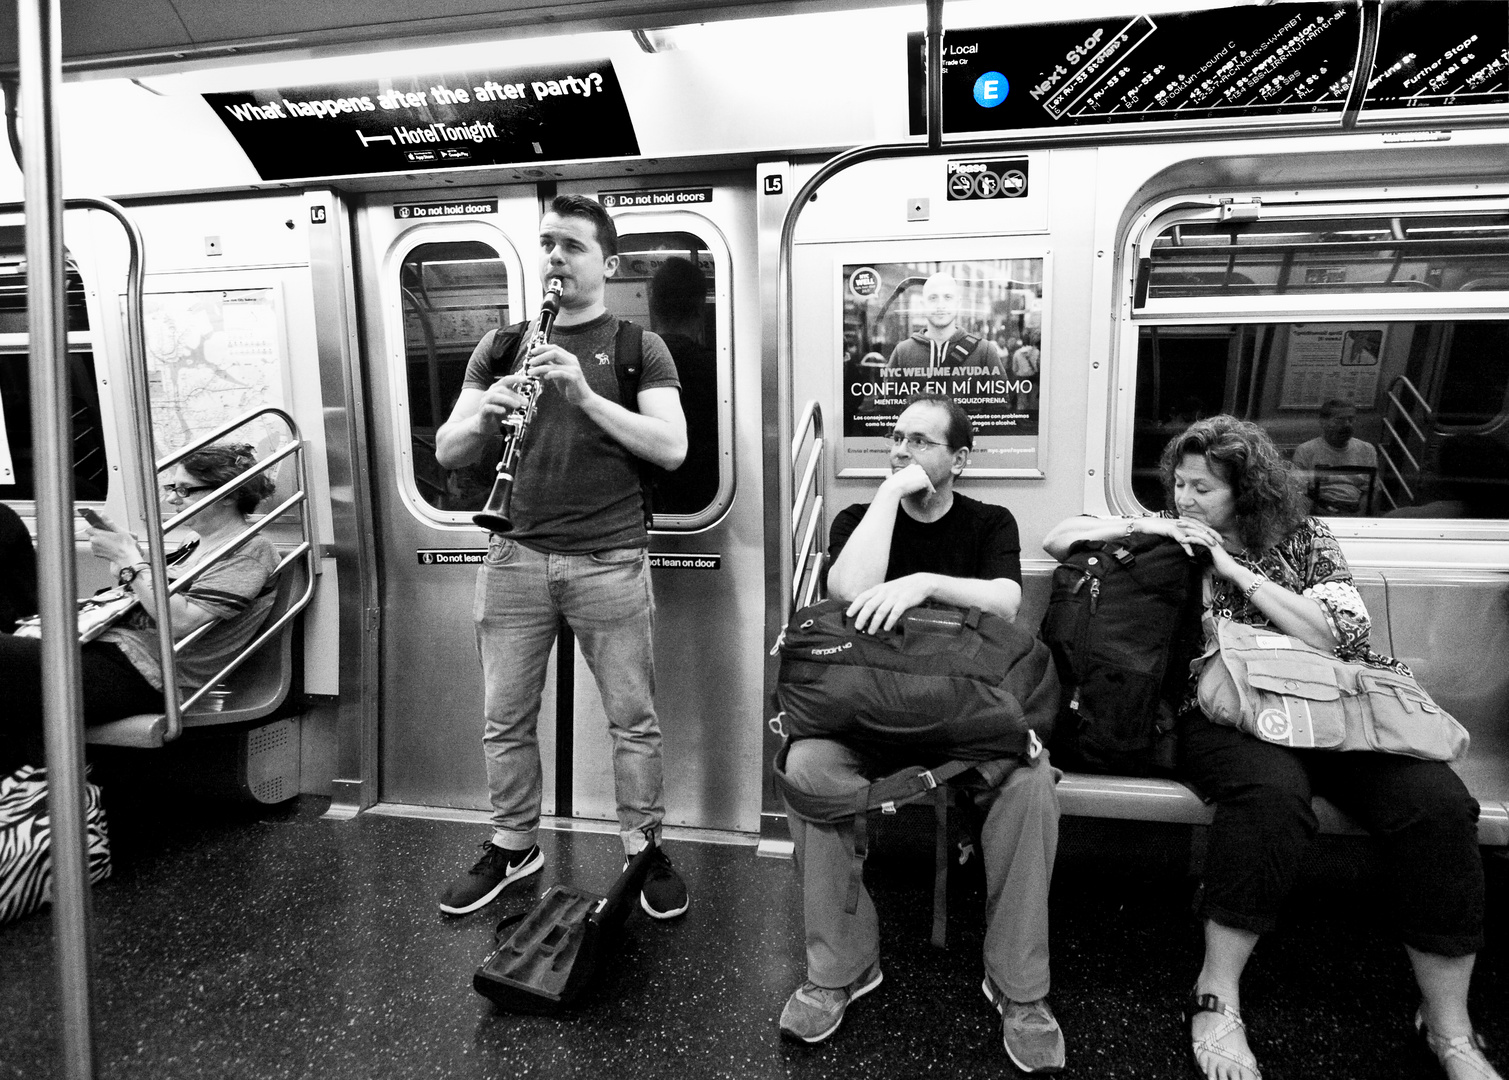 E-Tunes - A New York Subway Moment